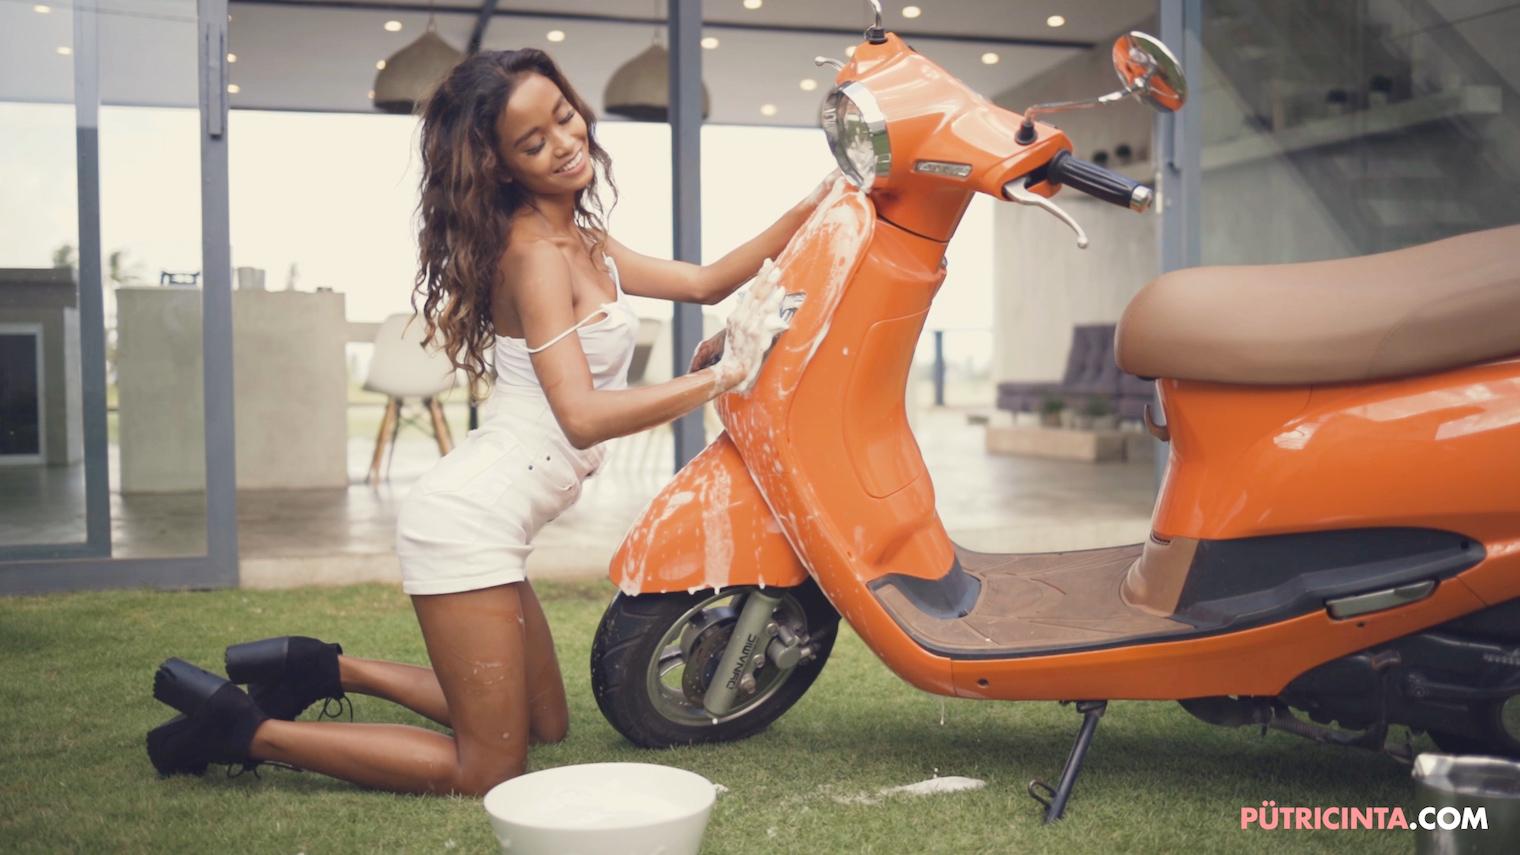 025-BikeWash-Putri-Cinta-Teaser-Stills-14.jpg